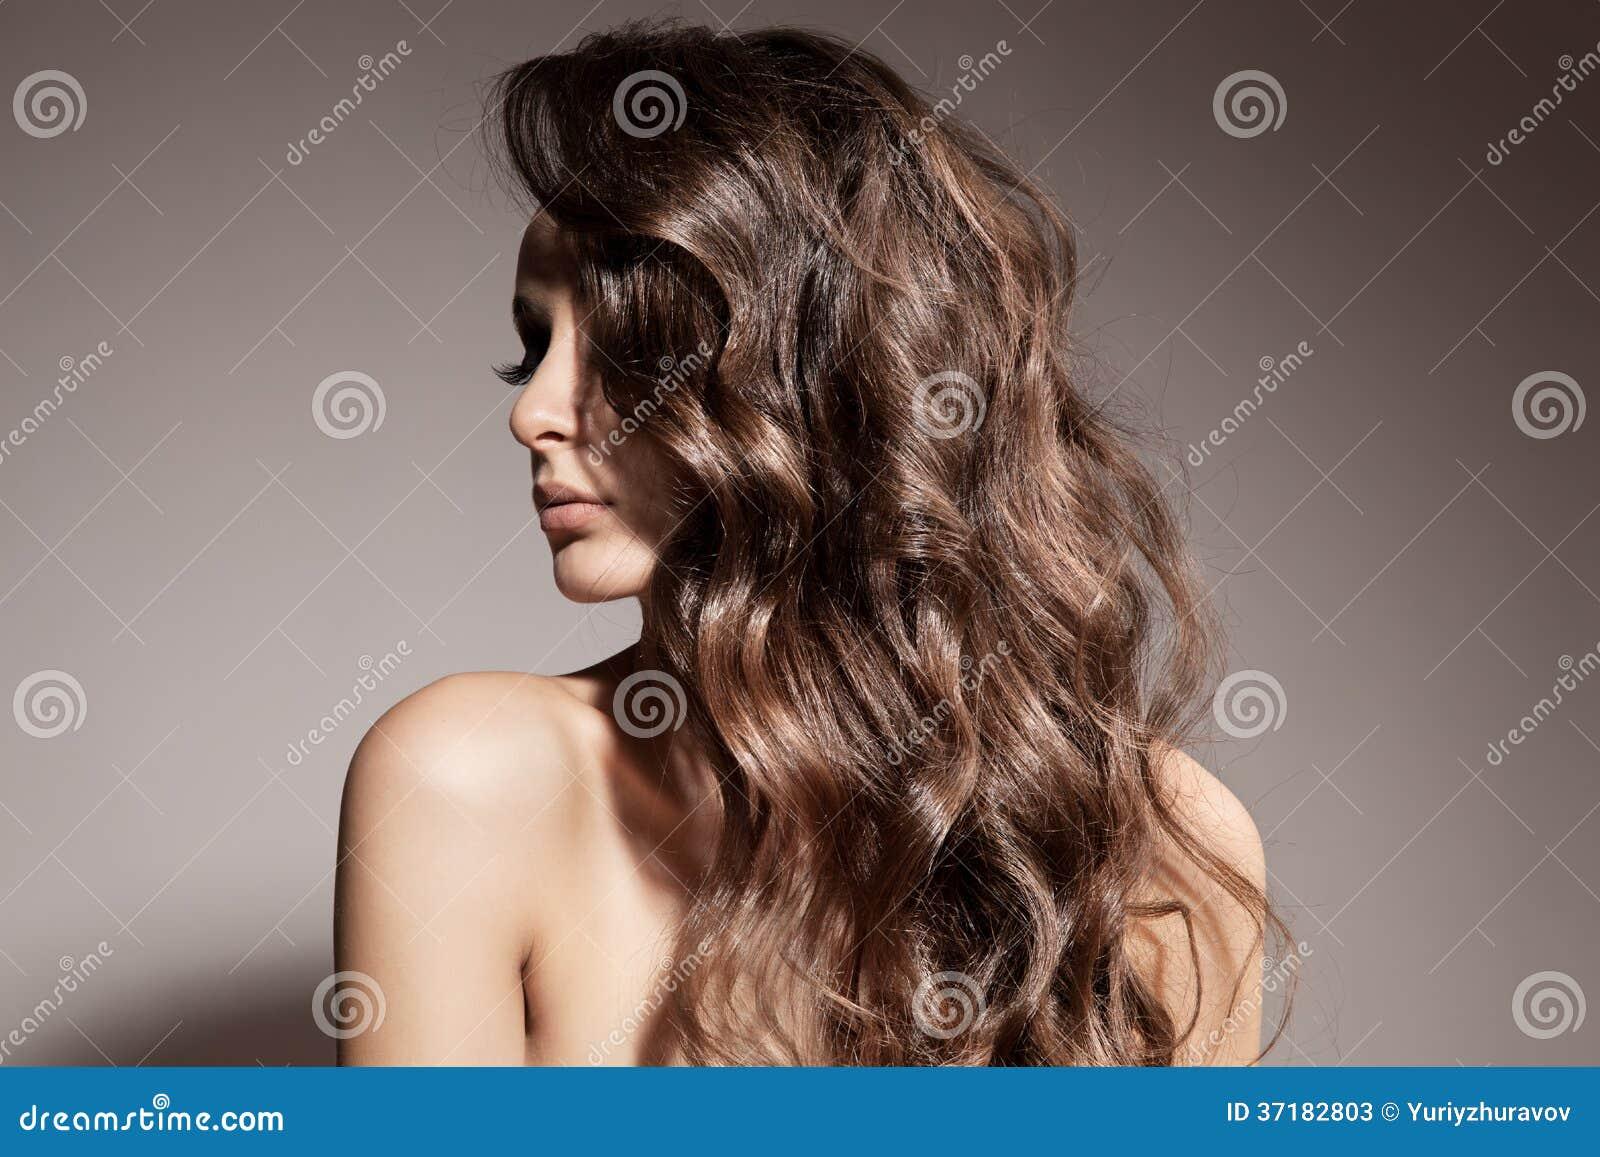 Красивая женщина брюнет. Курчавые длинные волосы.